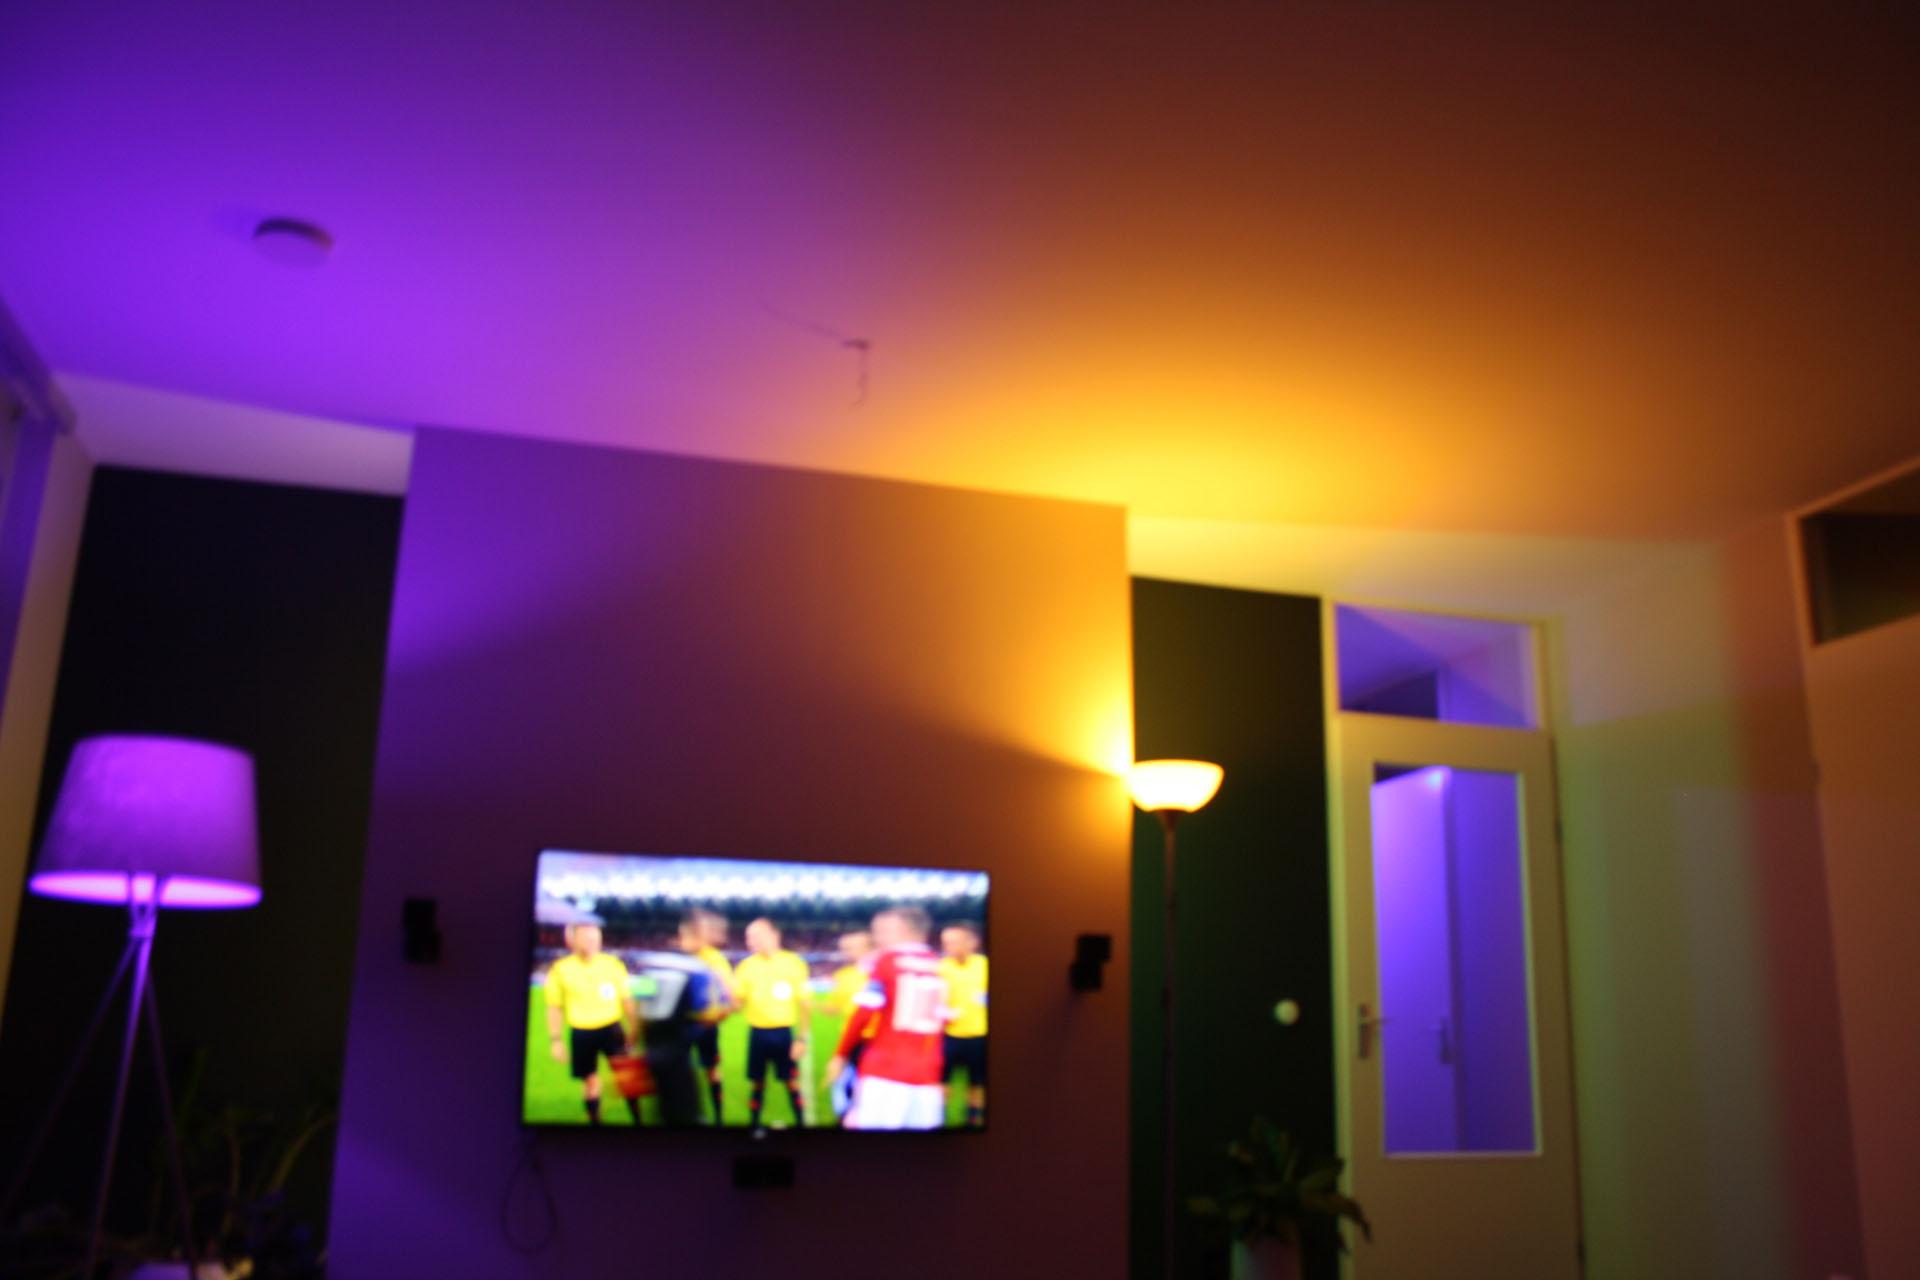 Slaapkamer Lamp Philips : Verlichting in kleur philips hue domotica center